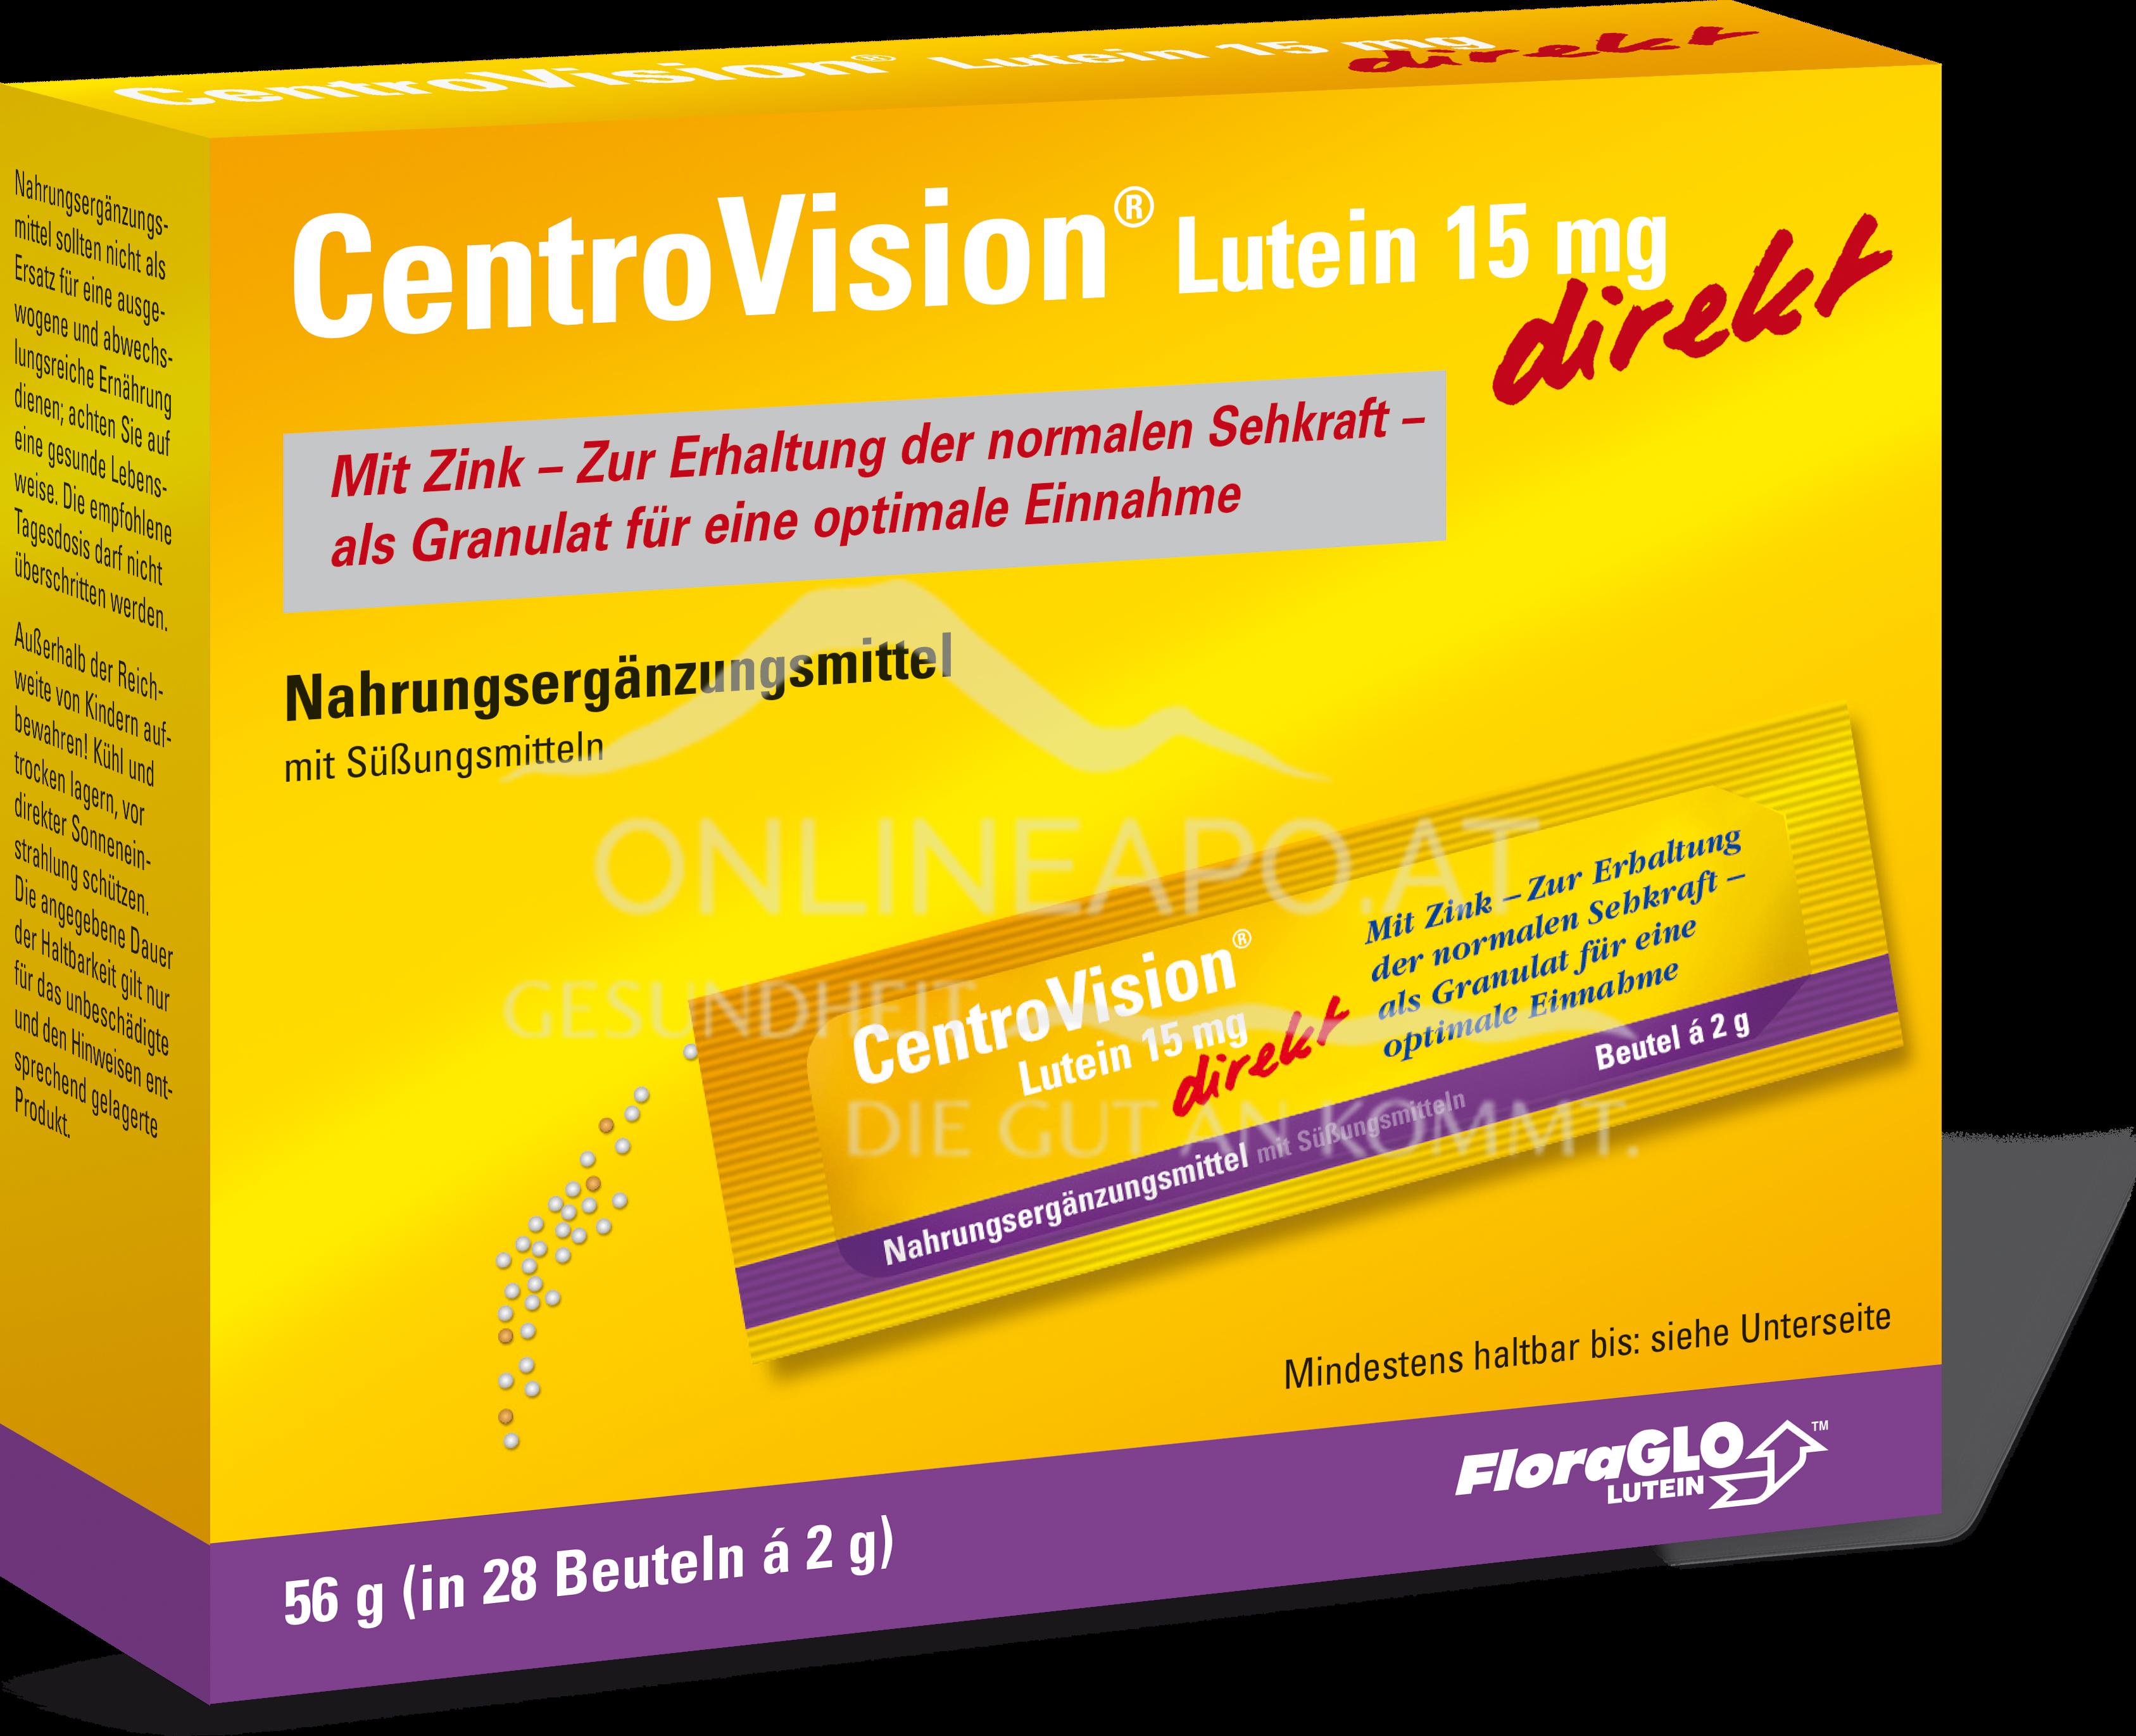 CentroVision® Lutein 15 mg direkt